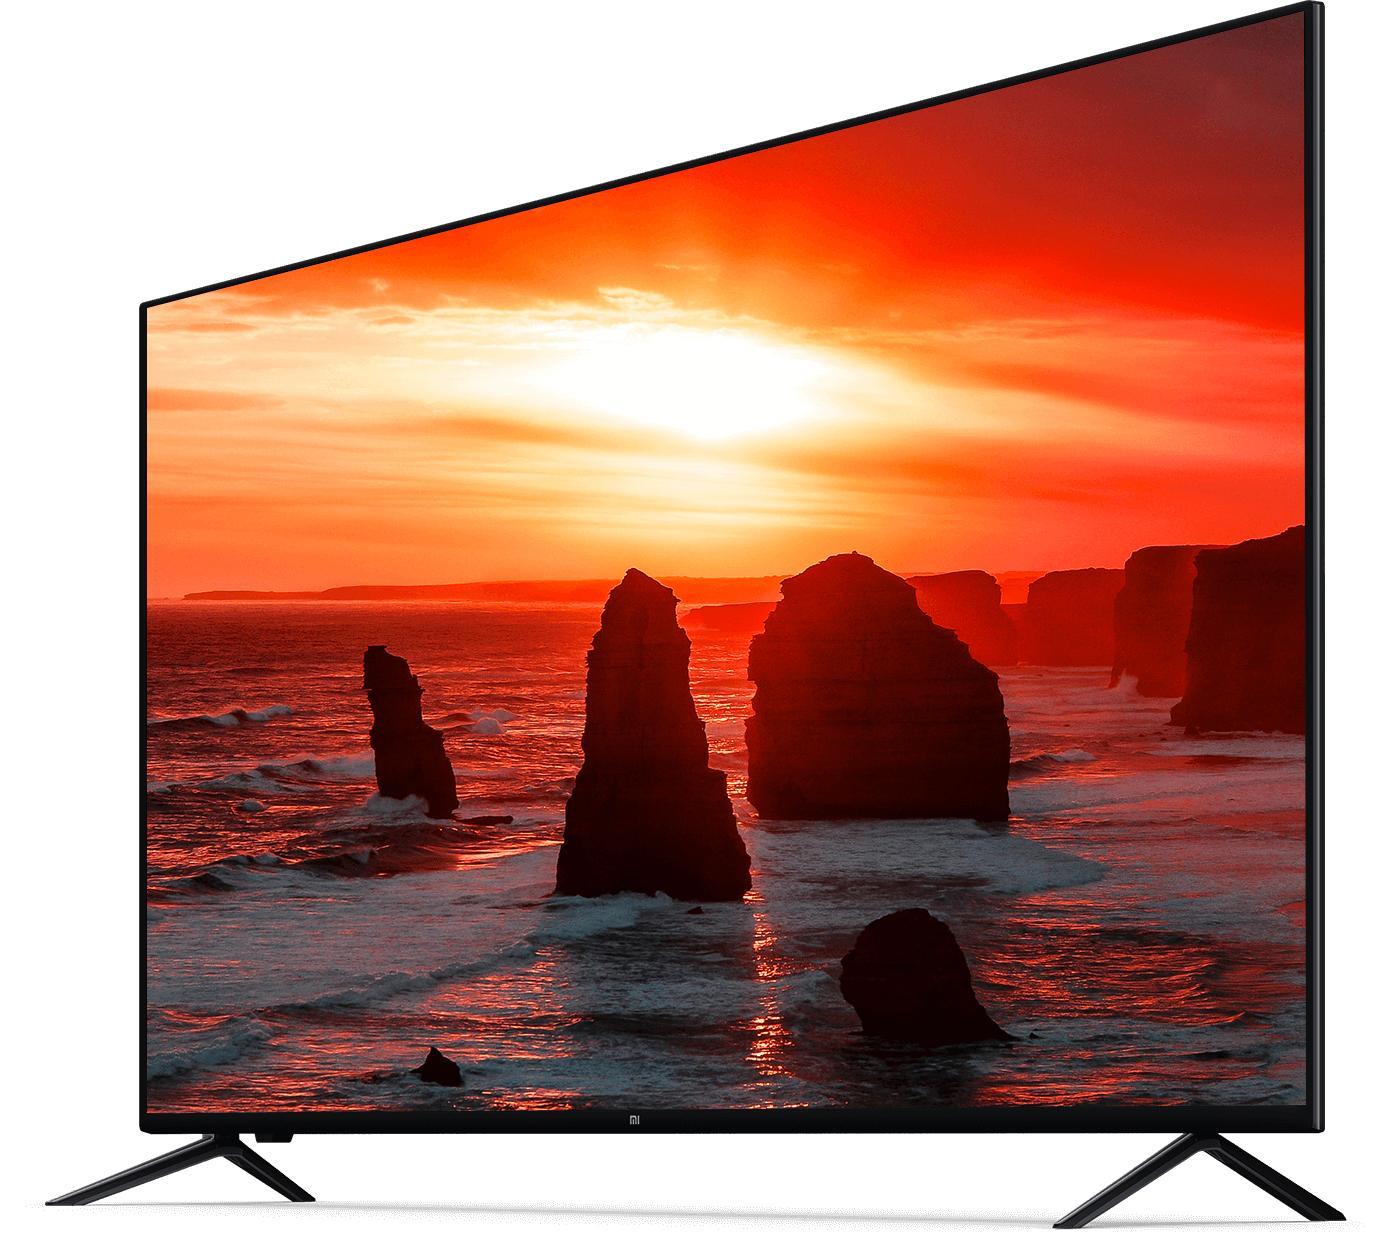 Hình ảnh Smart Tivi Xiaomi TV4C 50inch 4k HDR - TV504C ( Bảo hành 12 tháng lỗi đổi mới trong 3 tháng đầu sử dụng)